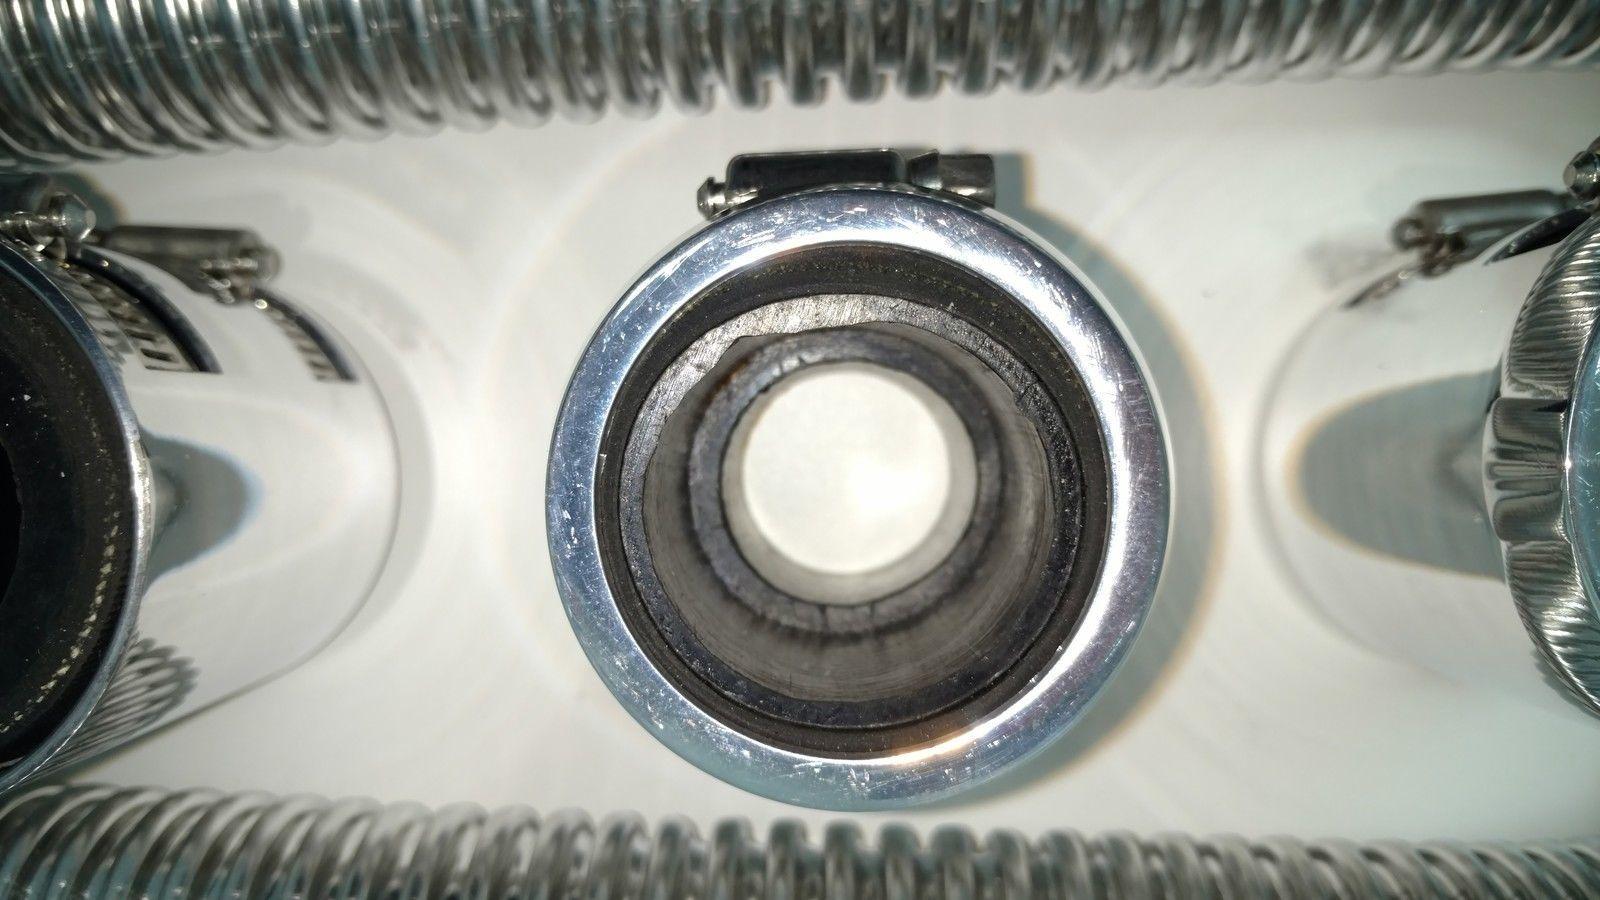 48 Quot Chrome Stainless Flexible Radiator Amp Heater Hose Kit W